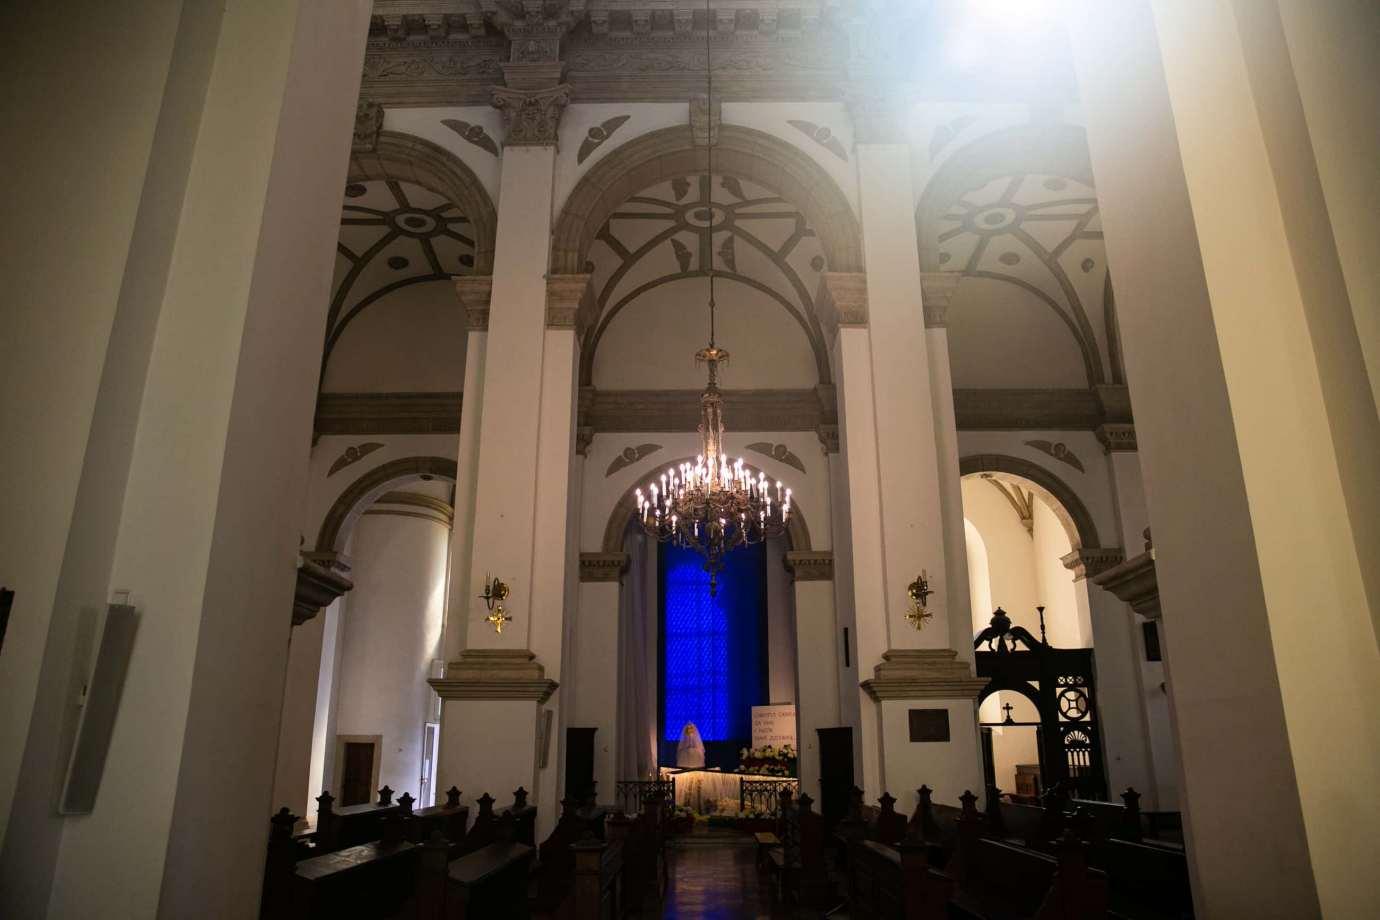 parafia katedralna zmartwychwstania panskiego i sw tomasza apostola w zamosciu 8 Zdjęcia grobów pańskich w zamojskich świątyniach